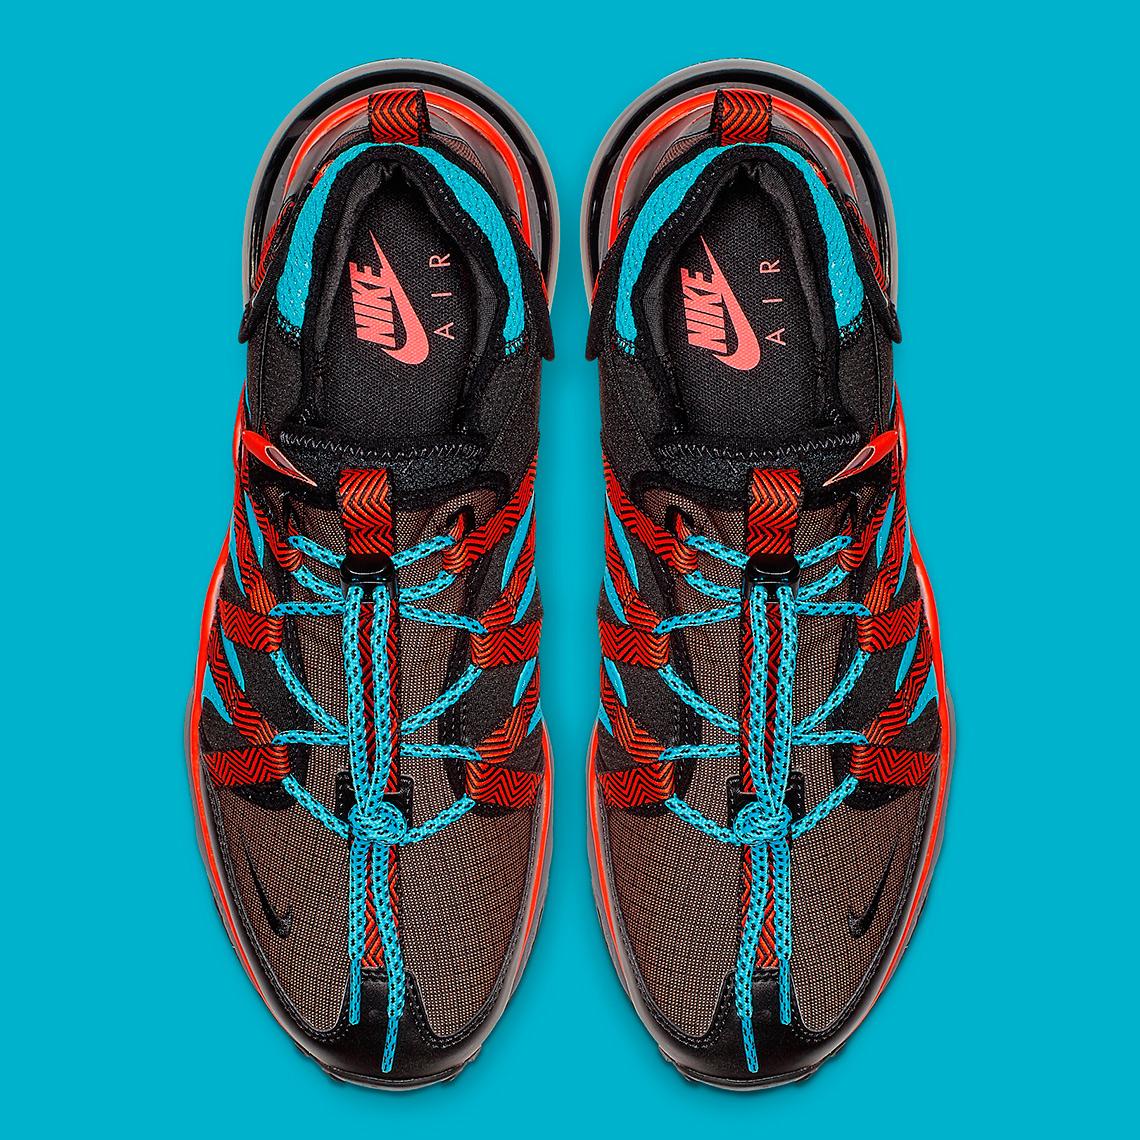 Nike Air Max 270 Bowfin AJ7200 200 Release Info